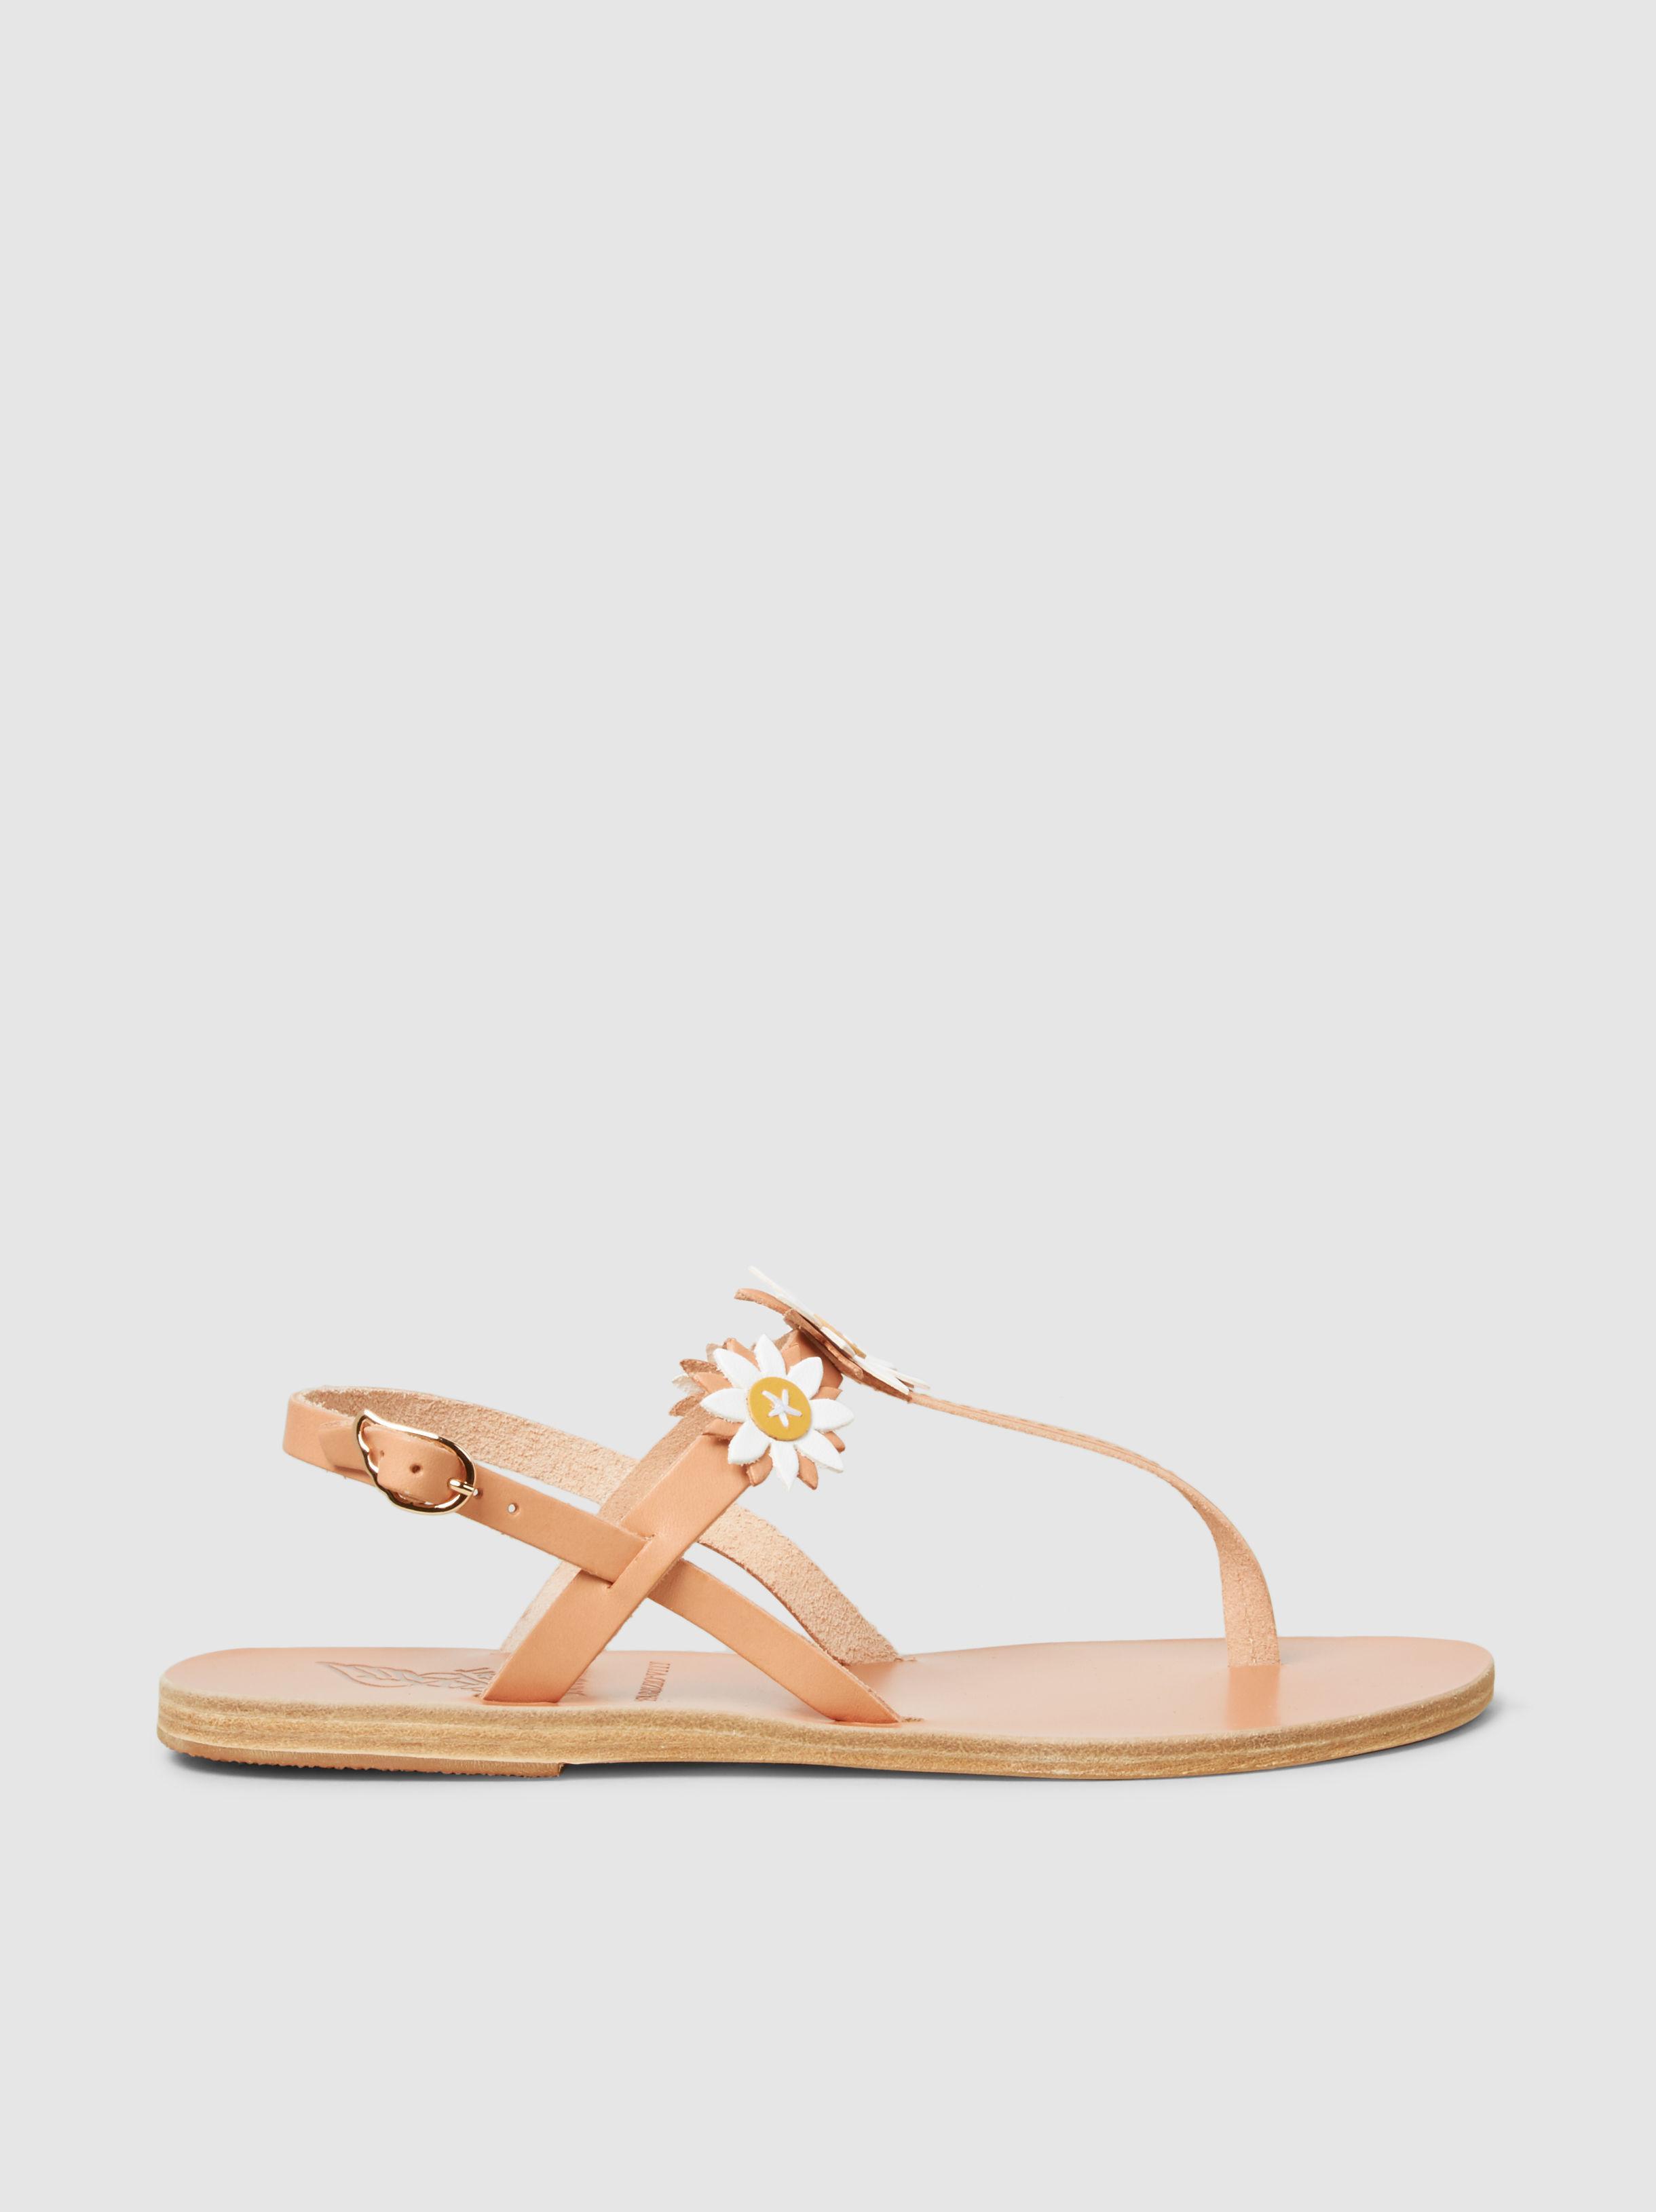 Sylvie Floral-Embellished Leather Sandal Ancient Greek Sandals hDohpcI